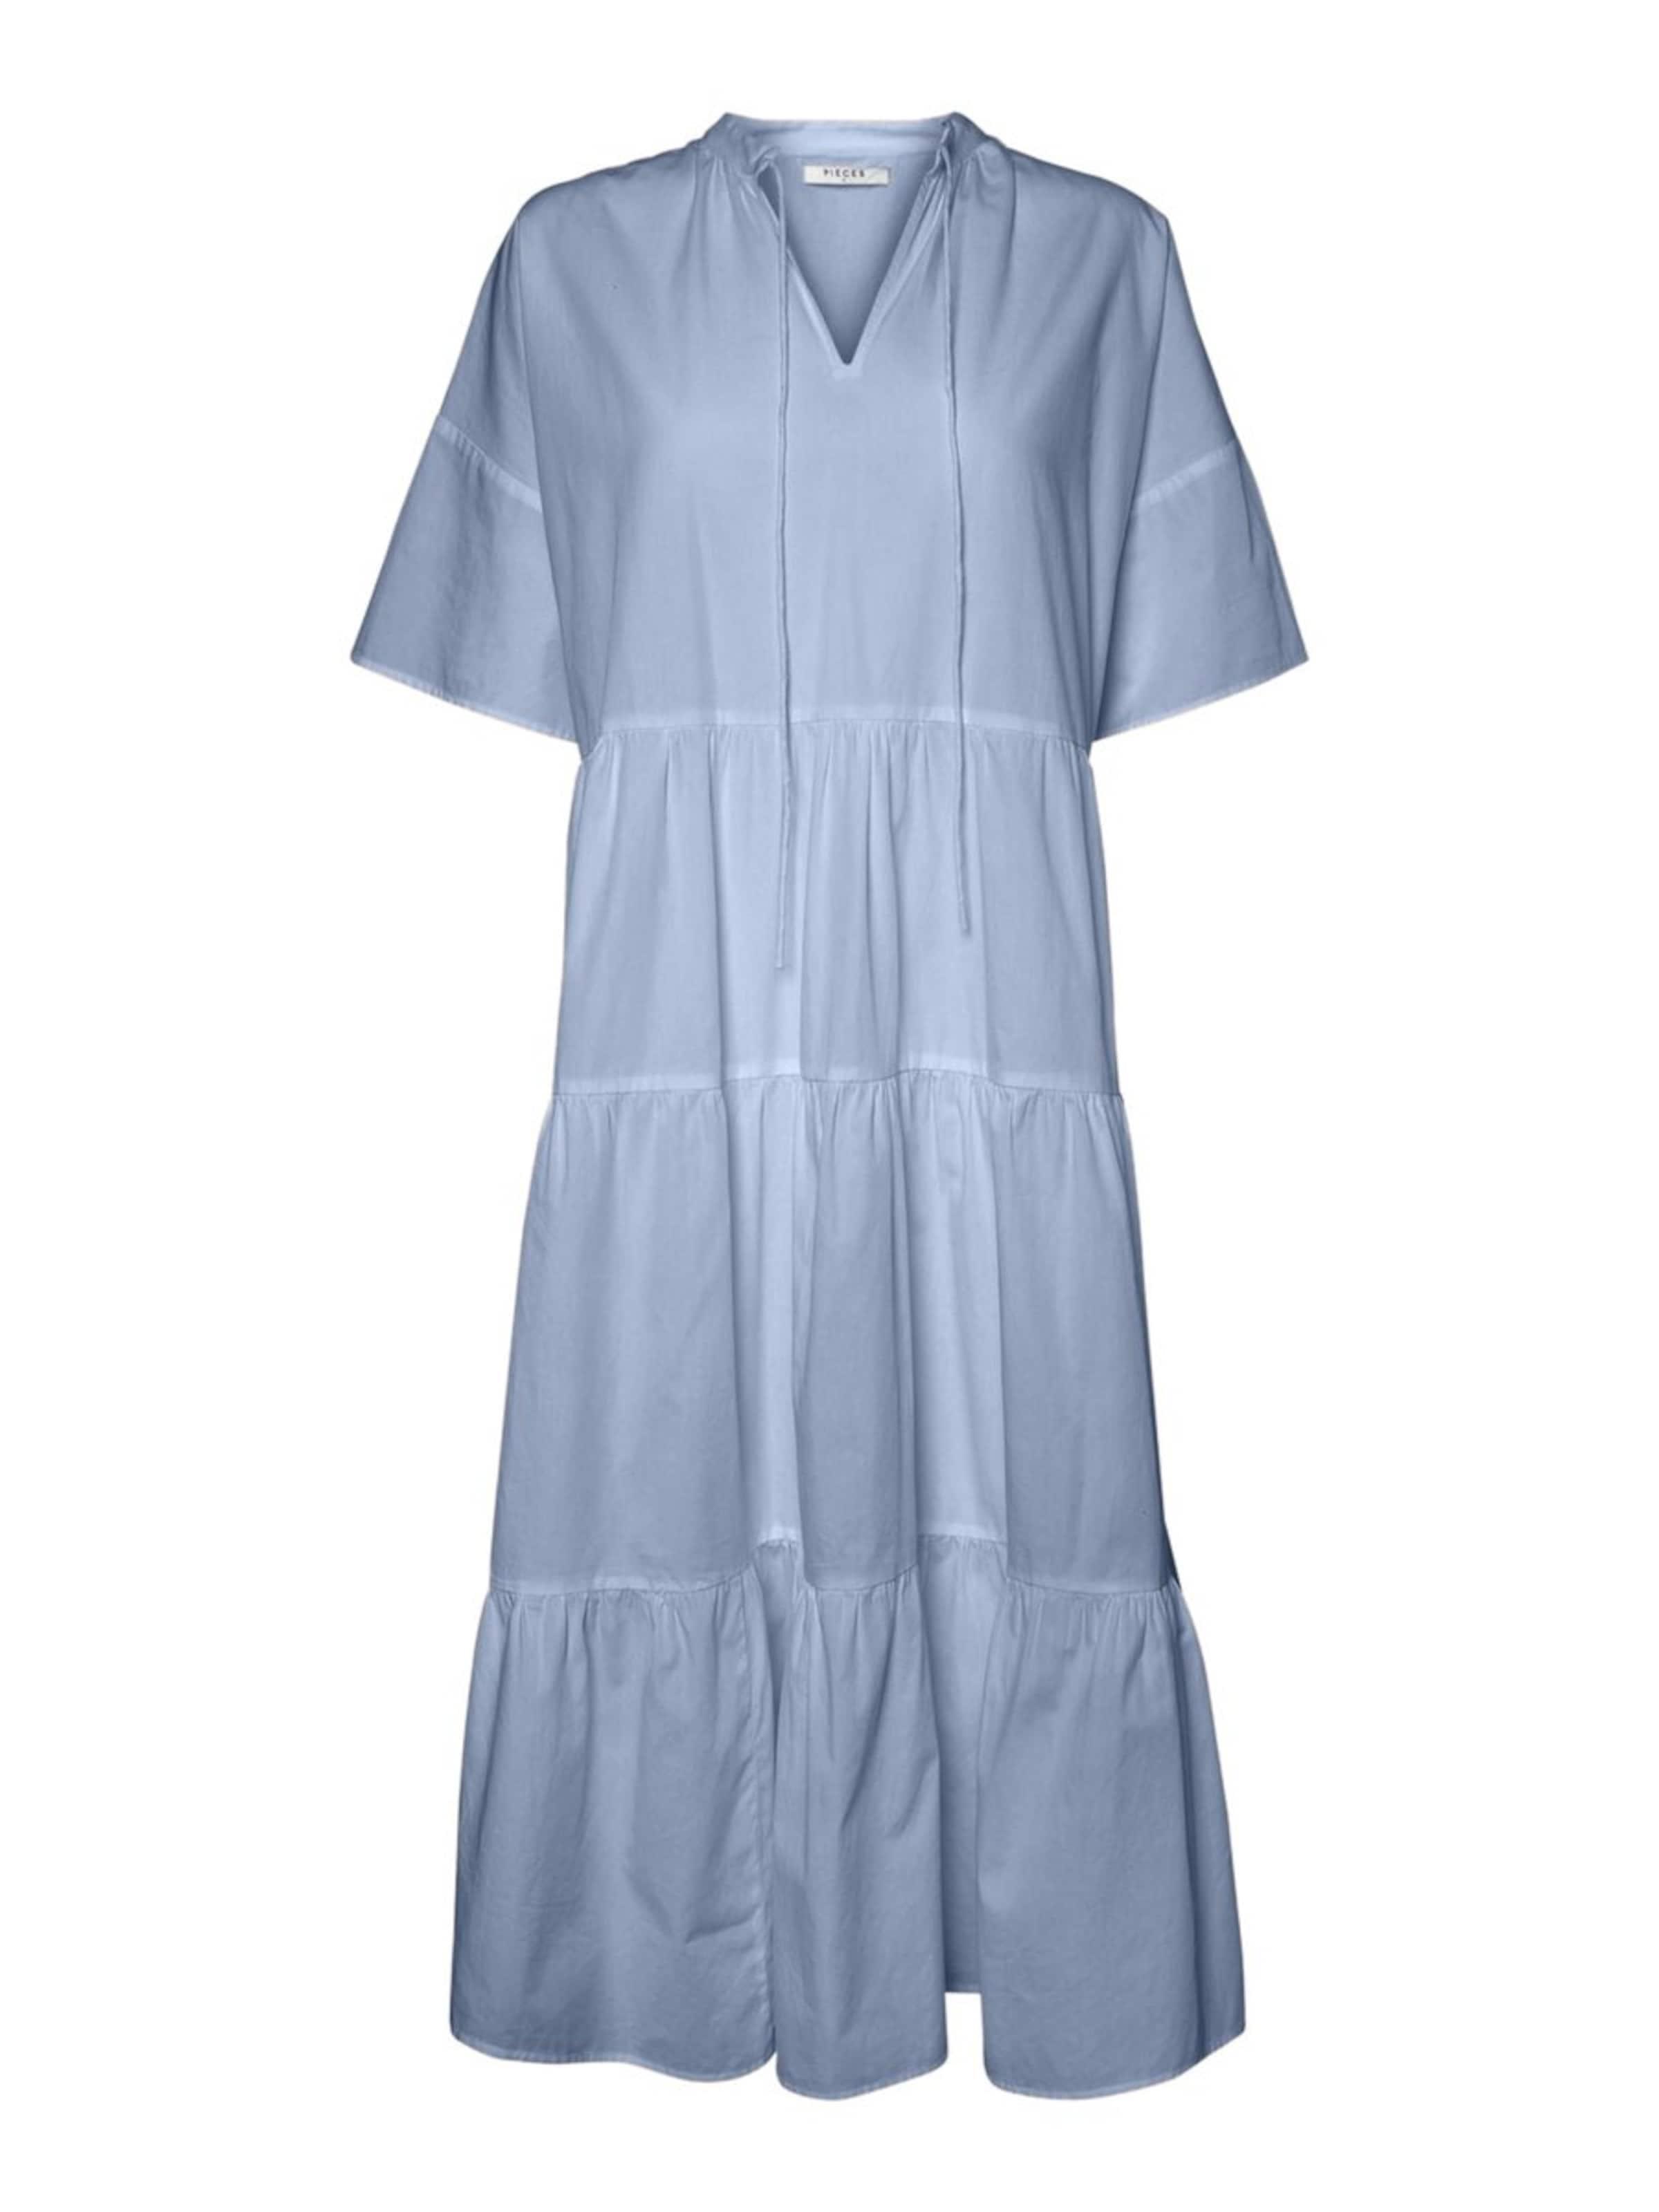 In Kleid Pieces Kleid Blau Kleid Blau In Pieces Pieces Pieces Blau In dstQxrCh